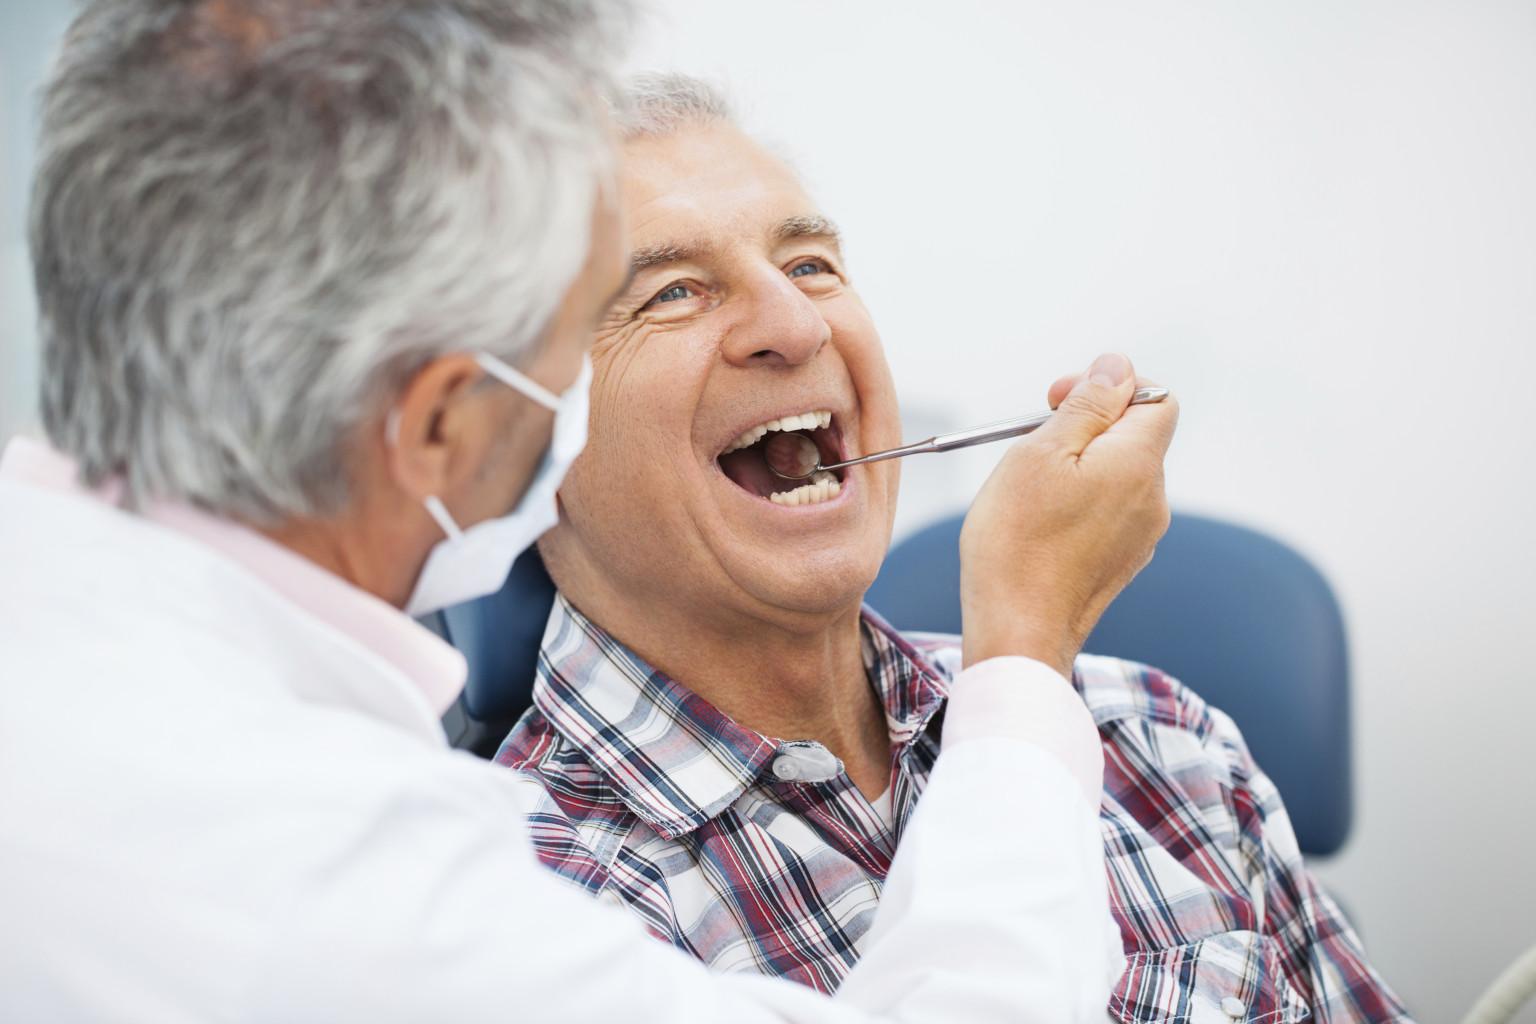 Khô miệng ở người già - Nguyên nhân & Cách điều trị AN TOÀN 1